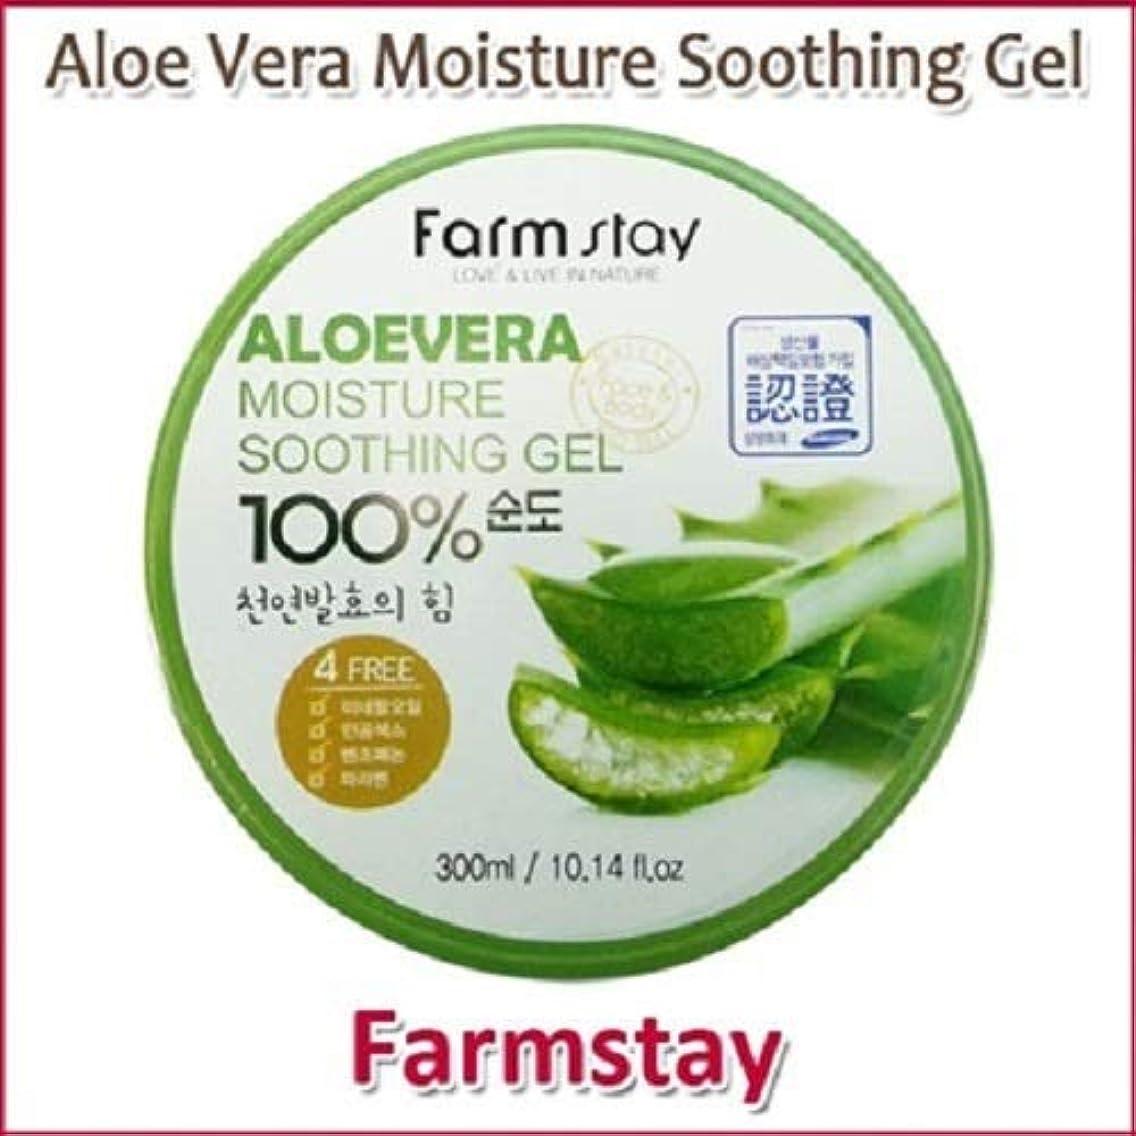 虎ラビリンスアスレチックFarm Stay Aloe Vera Moisture Soothing Gel 300ml /オーガニック アロエベラゲル 100%/保湿ケア/韓国コスメ/Aloe Vera 100% /Moisturizing [...